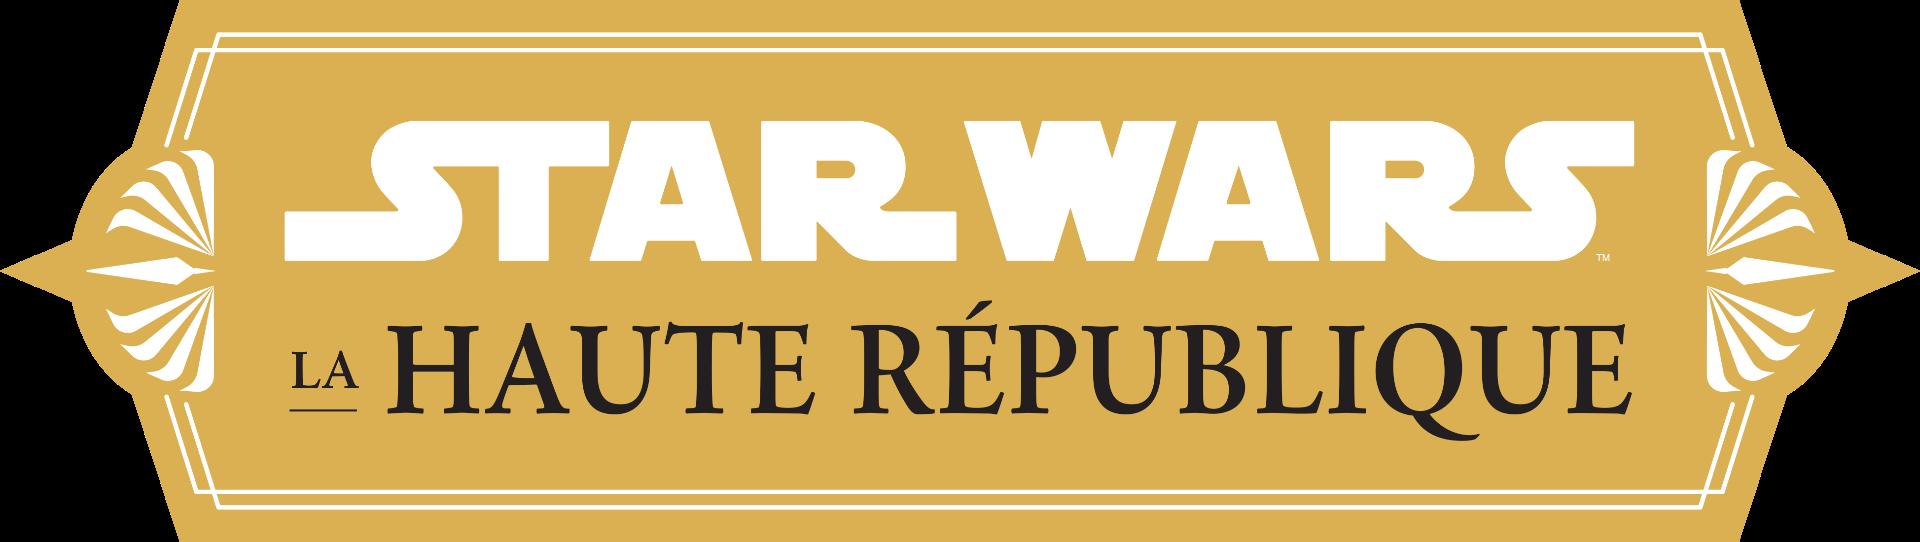 STAR WARS - LA HAUTE RÉPUBLIQUE - UNE NOUVELLE AVENTURE COMMENCE